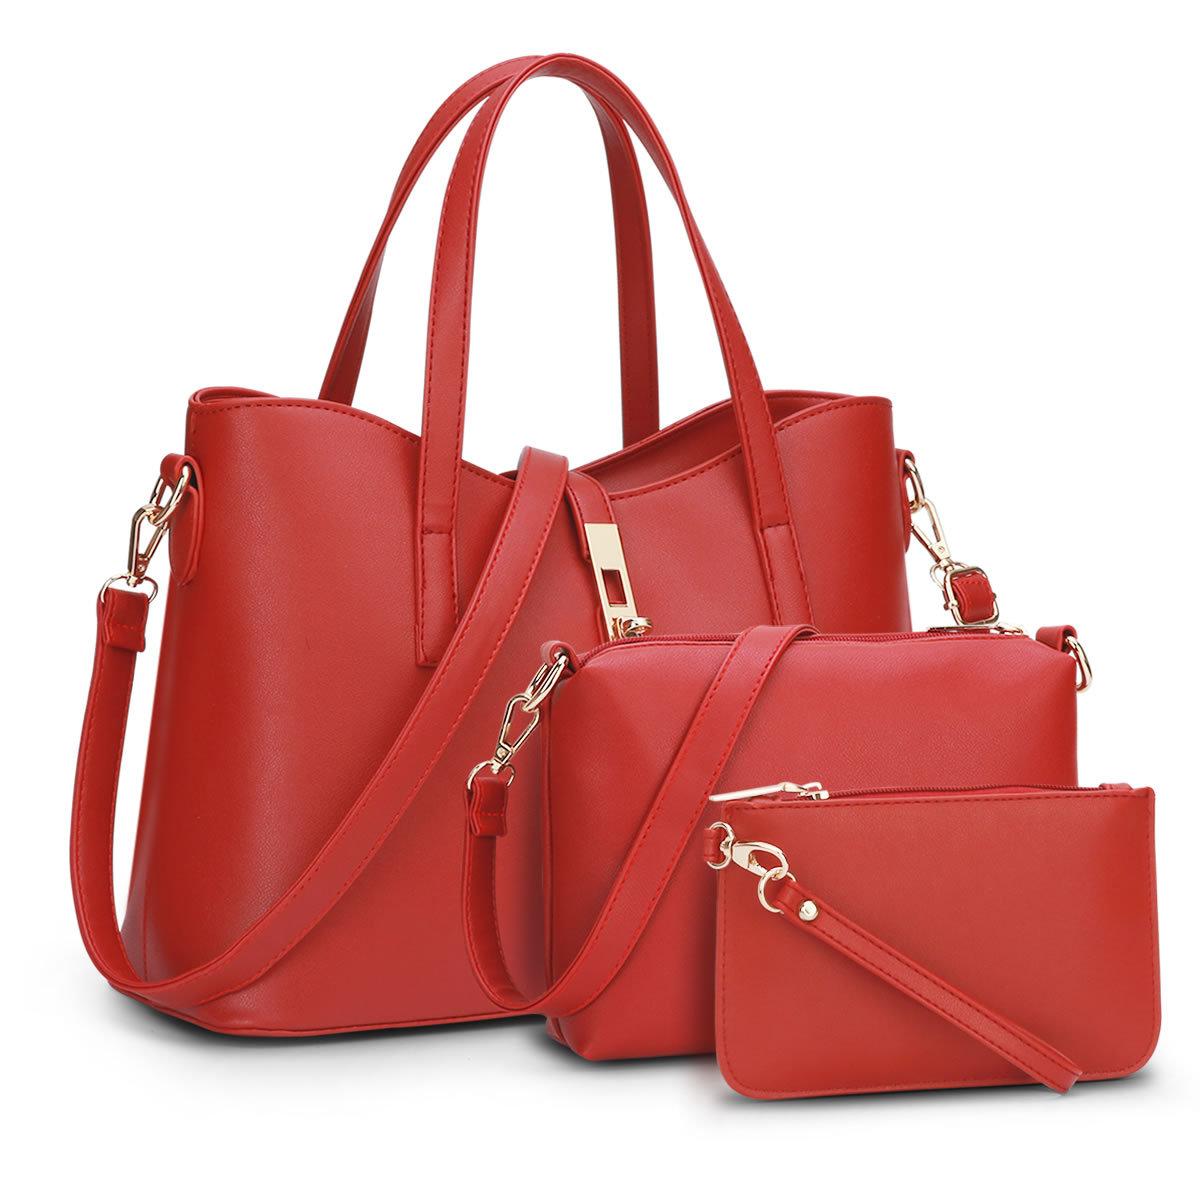 ขายส่ง กระเป๋าถือ และสะพายไหล่ สะพายข้าง เช็ต 3 ใบ แฟชั่นเกาหลี Sunny-723 สีแดง